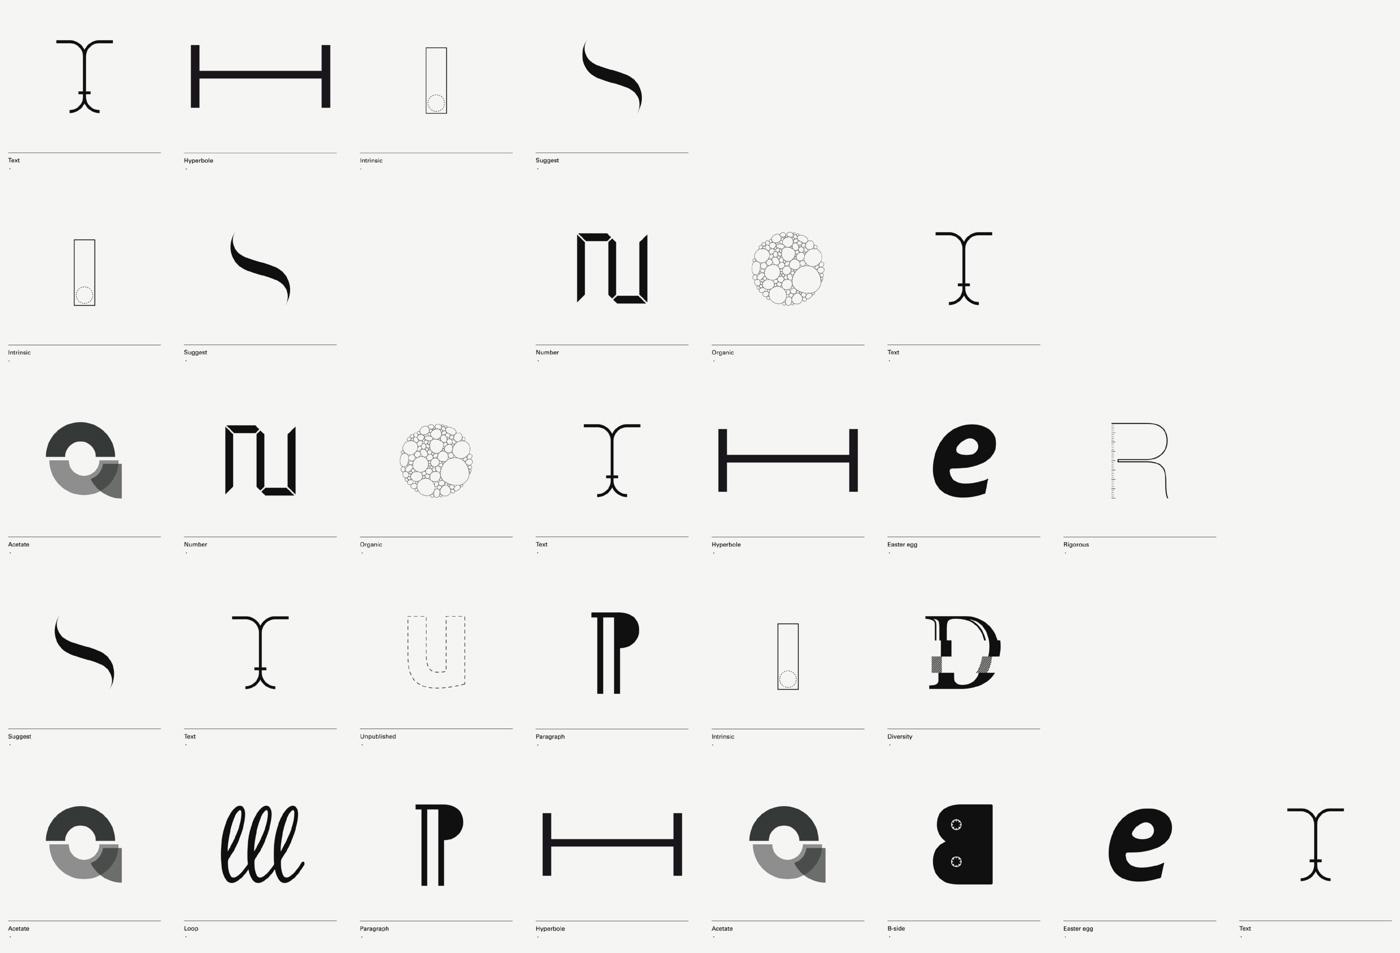 diseño de lámina Alphabet by Minimizán lámina this is not another stupid alphabet